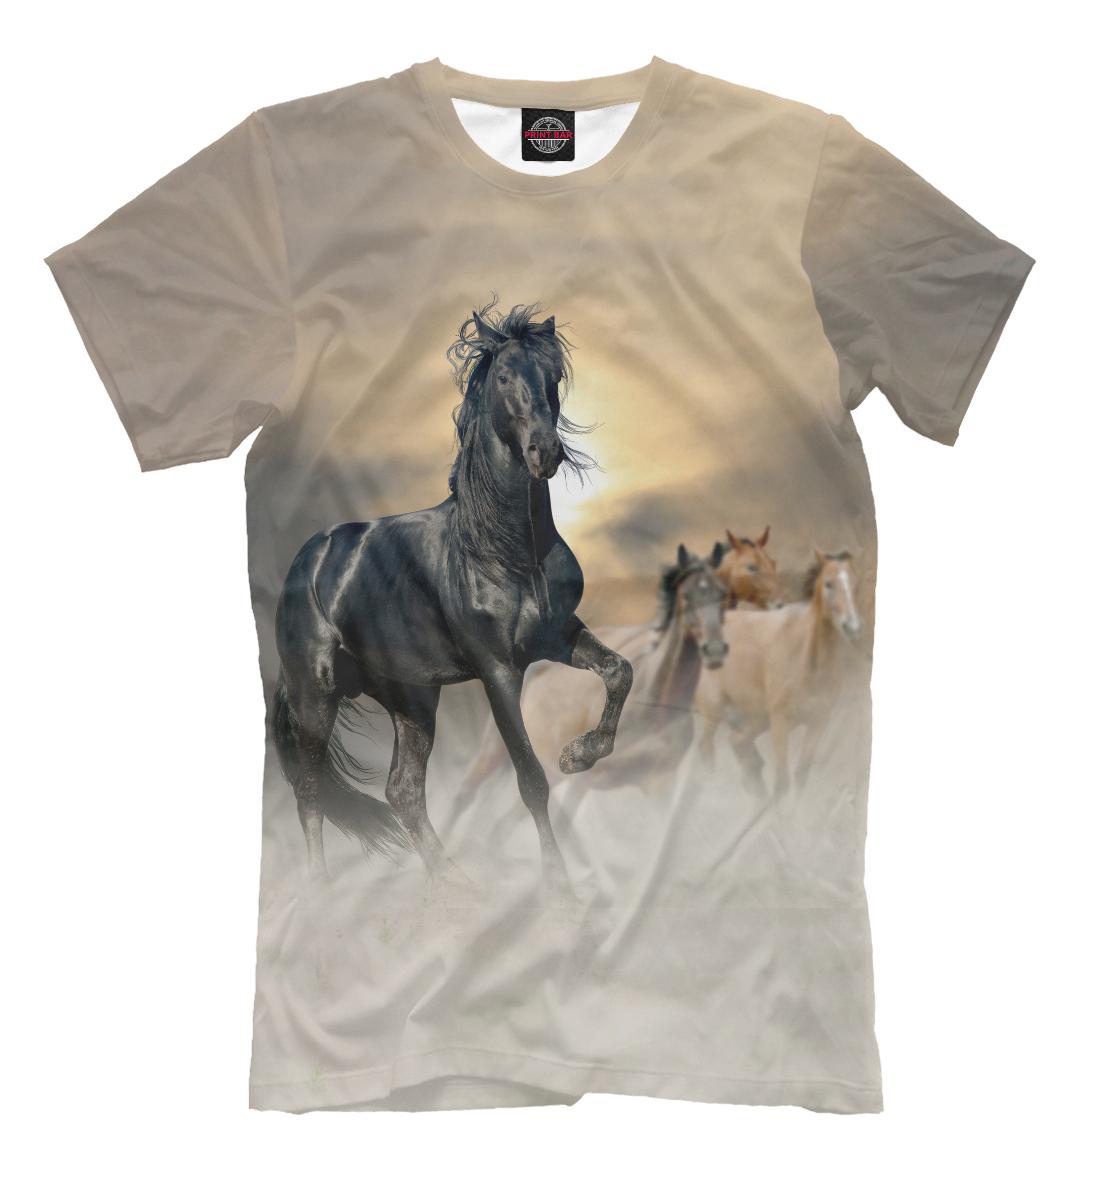 картинки футболка с лошадьми сообщалось ранее, известный